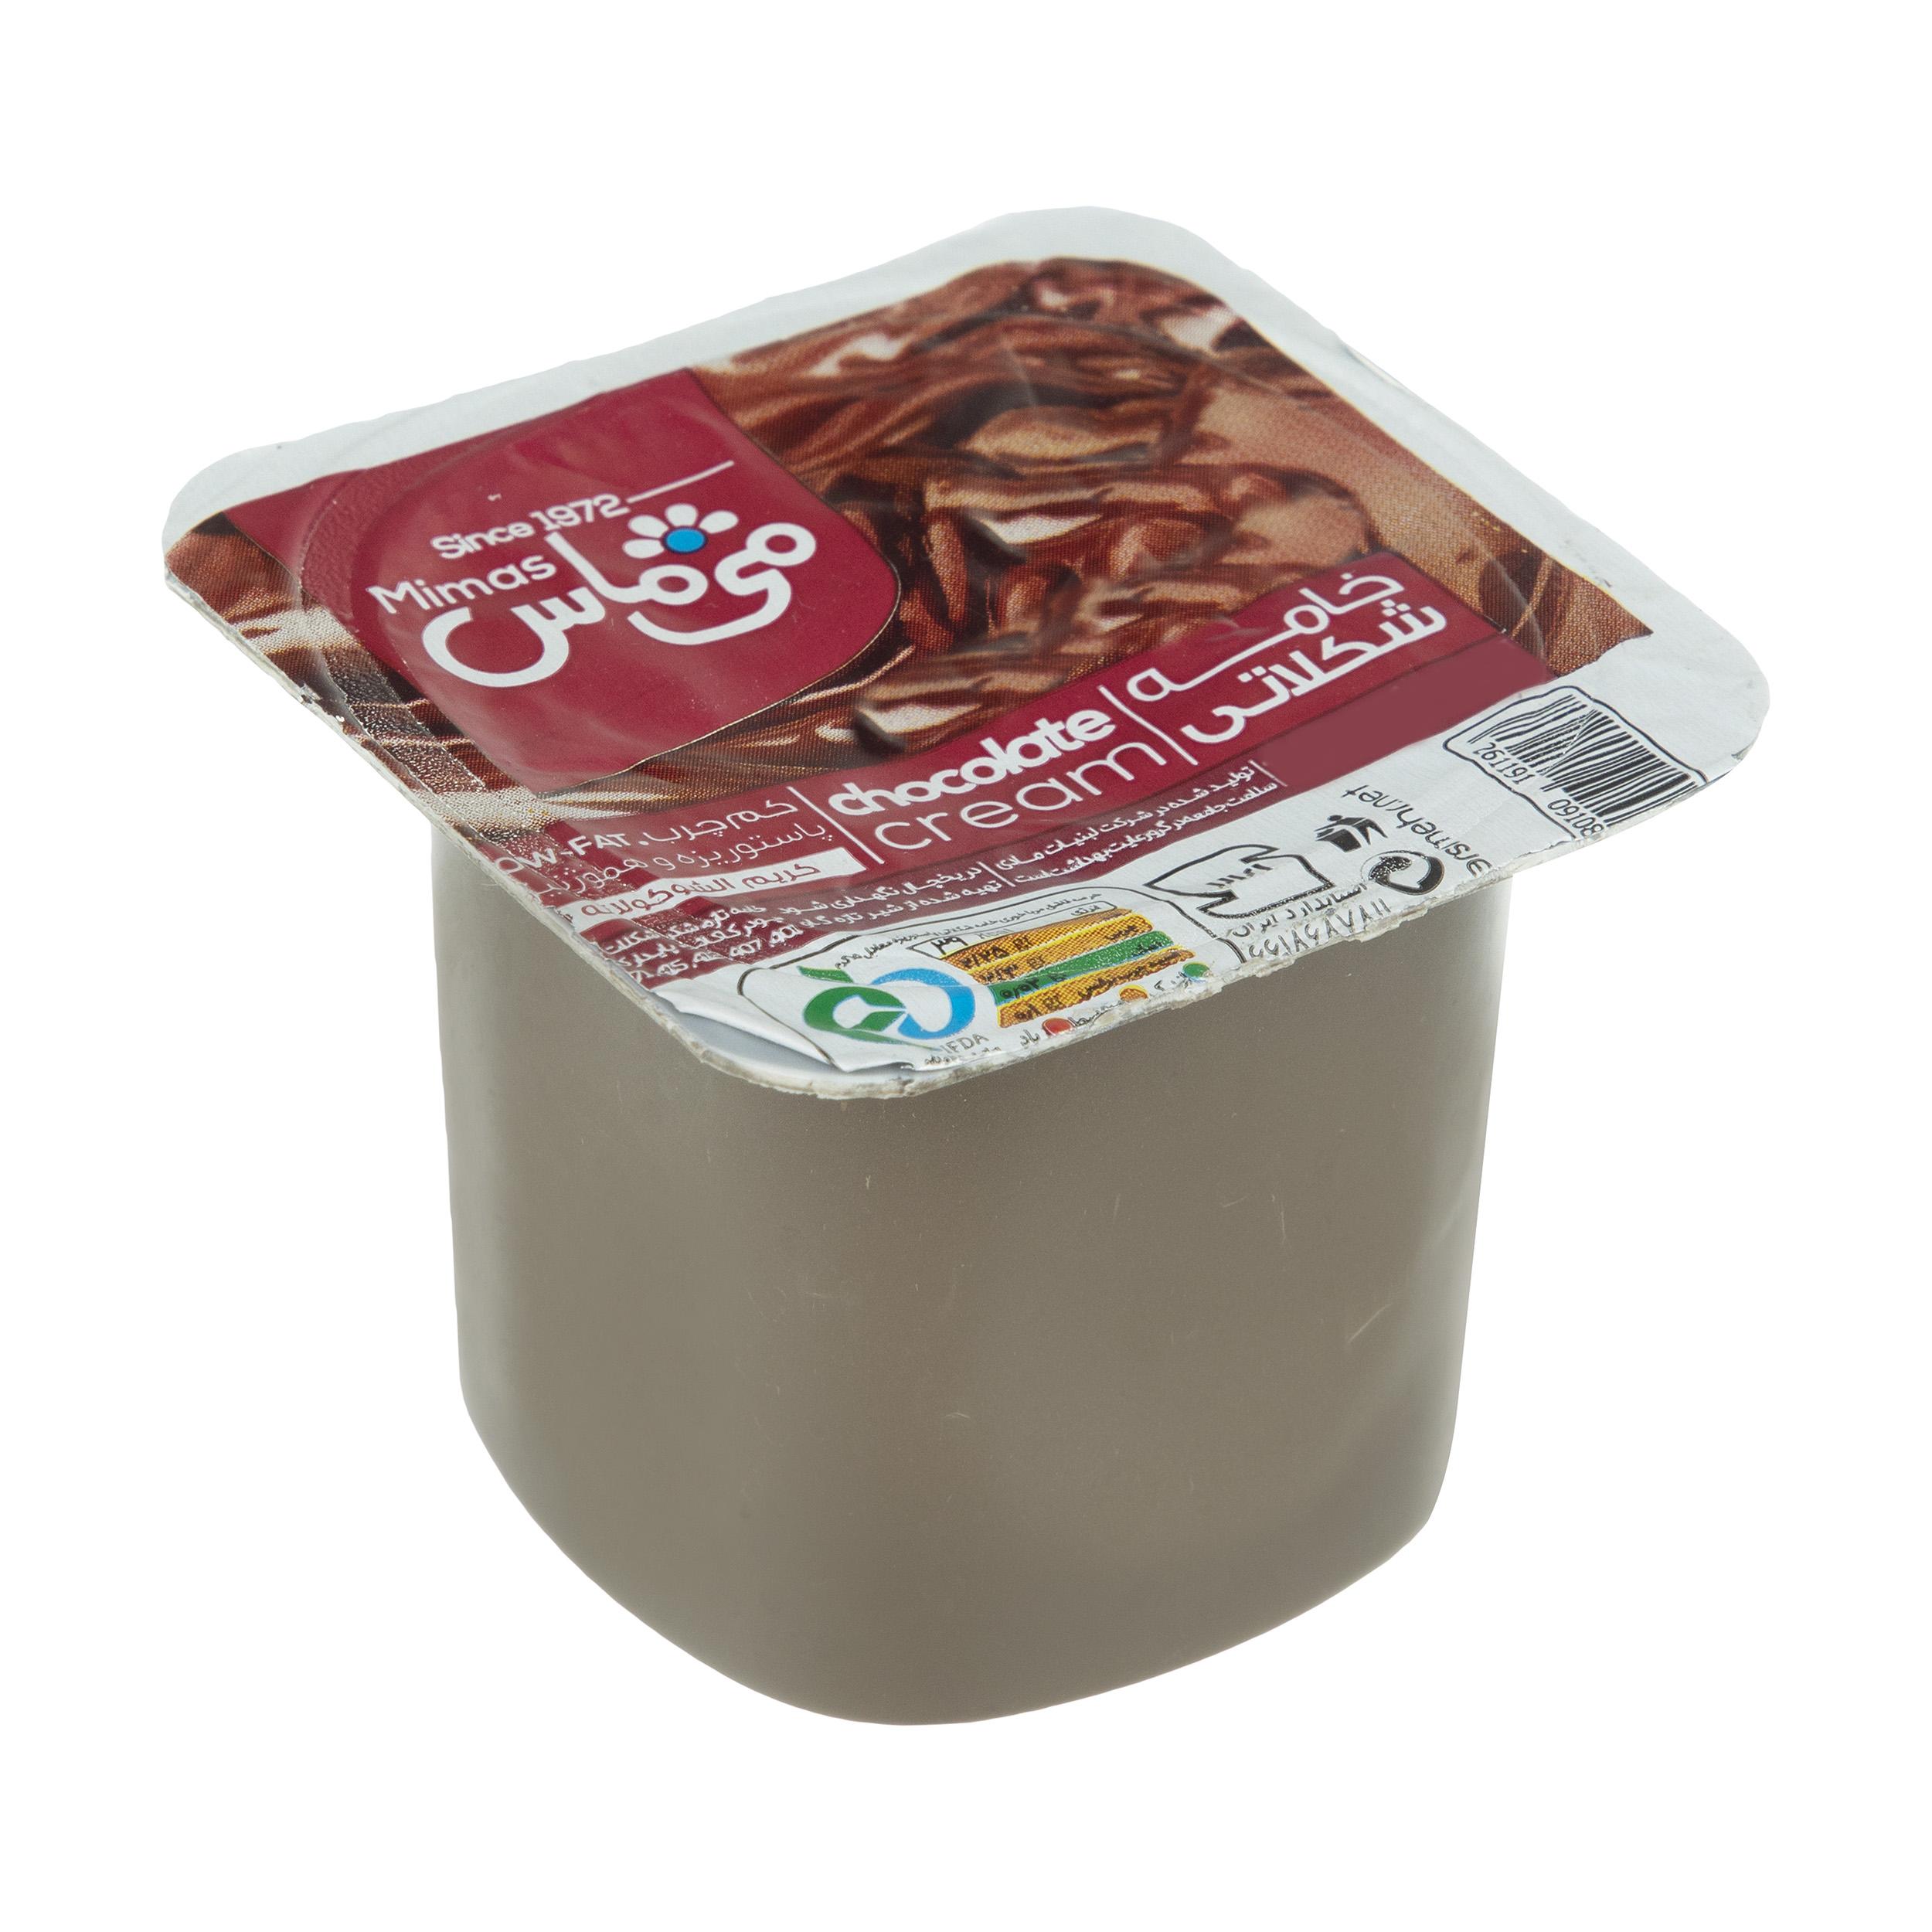 خامه شکلاتی می ماس مقدار 100 گرم